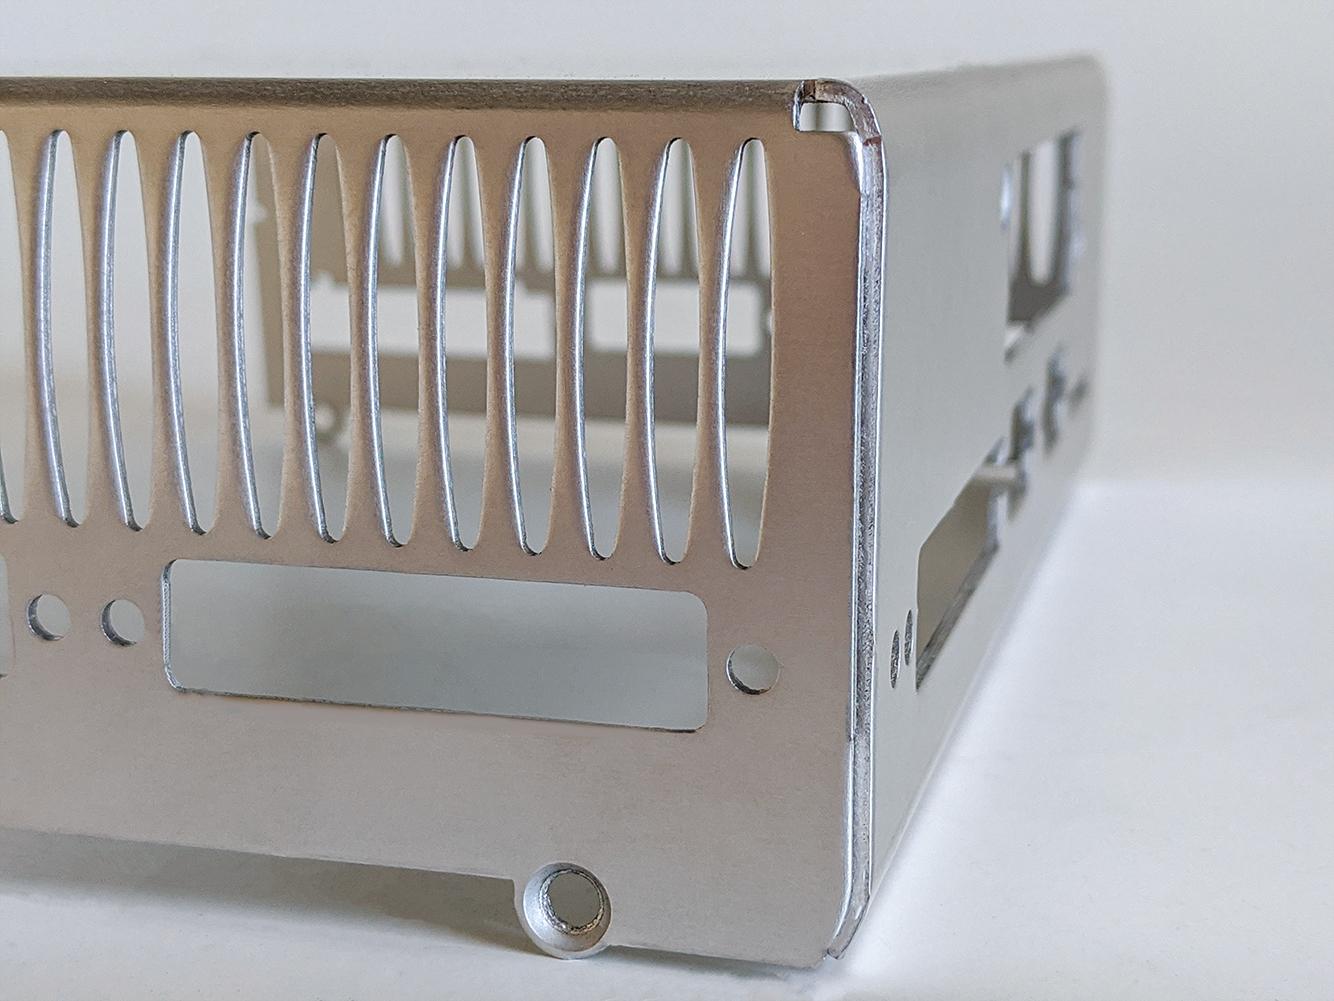 Ovale Lüftungslöcher an der Rückseite von einem Metallgehäuse